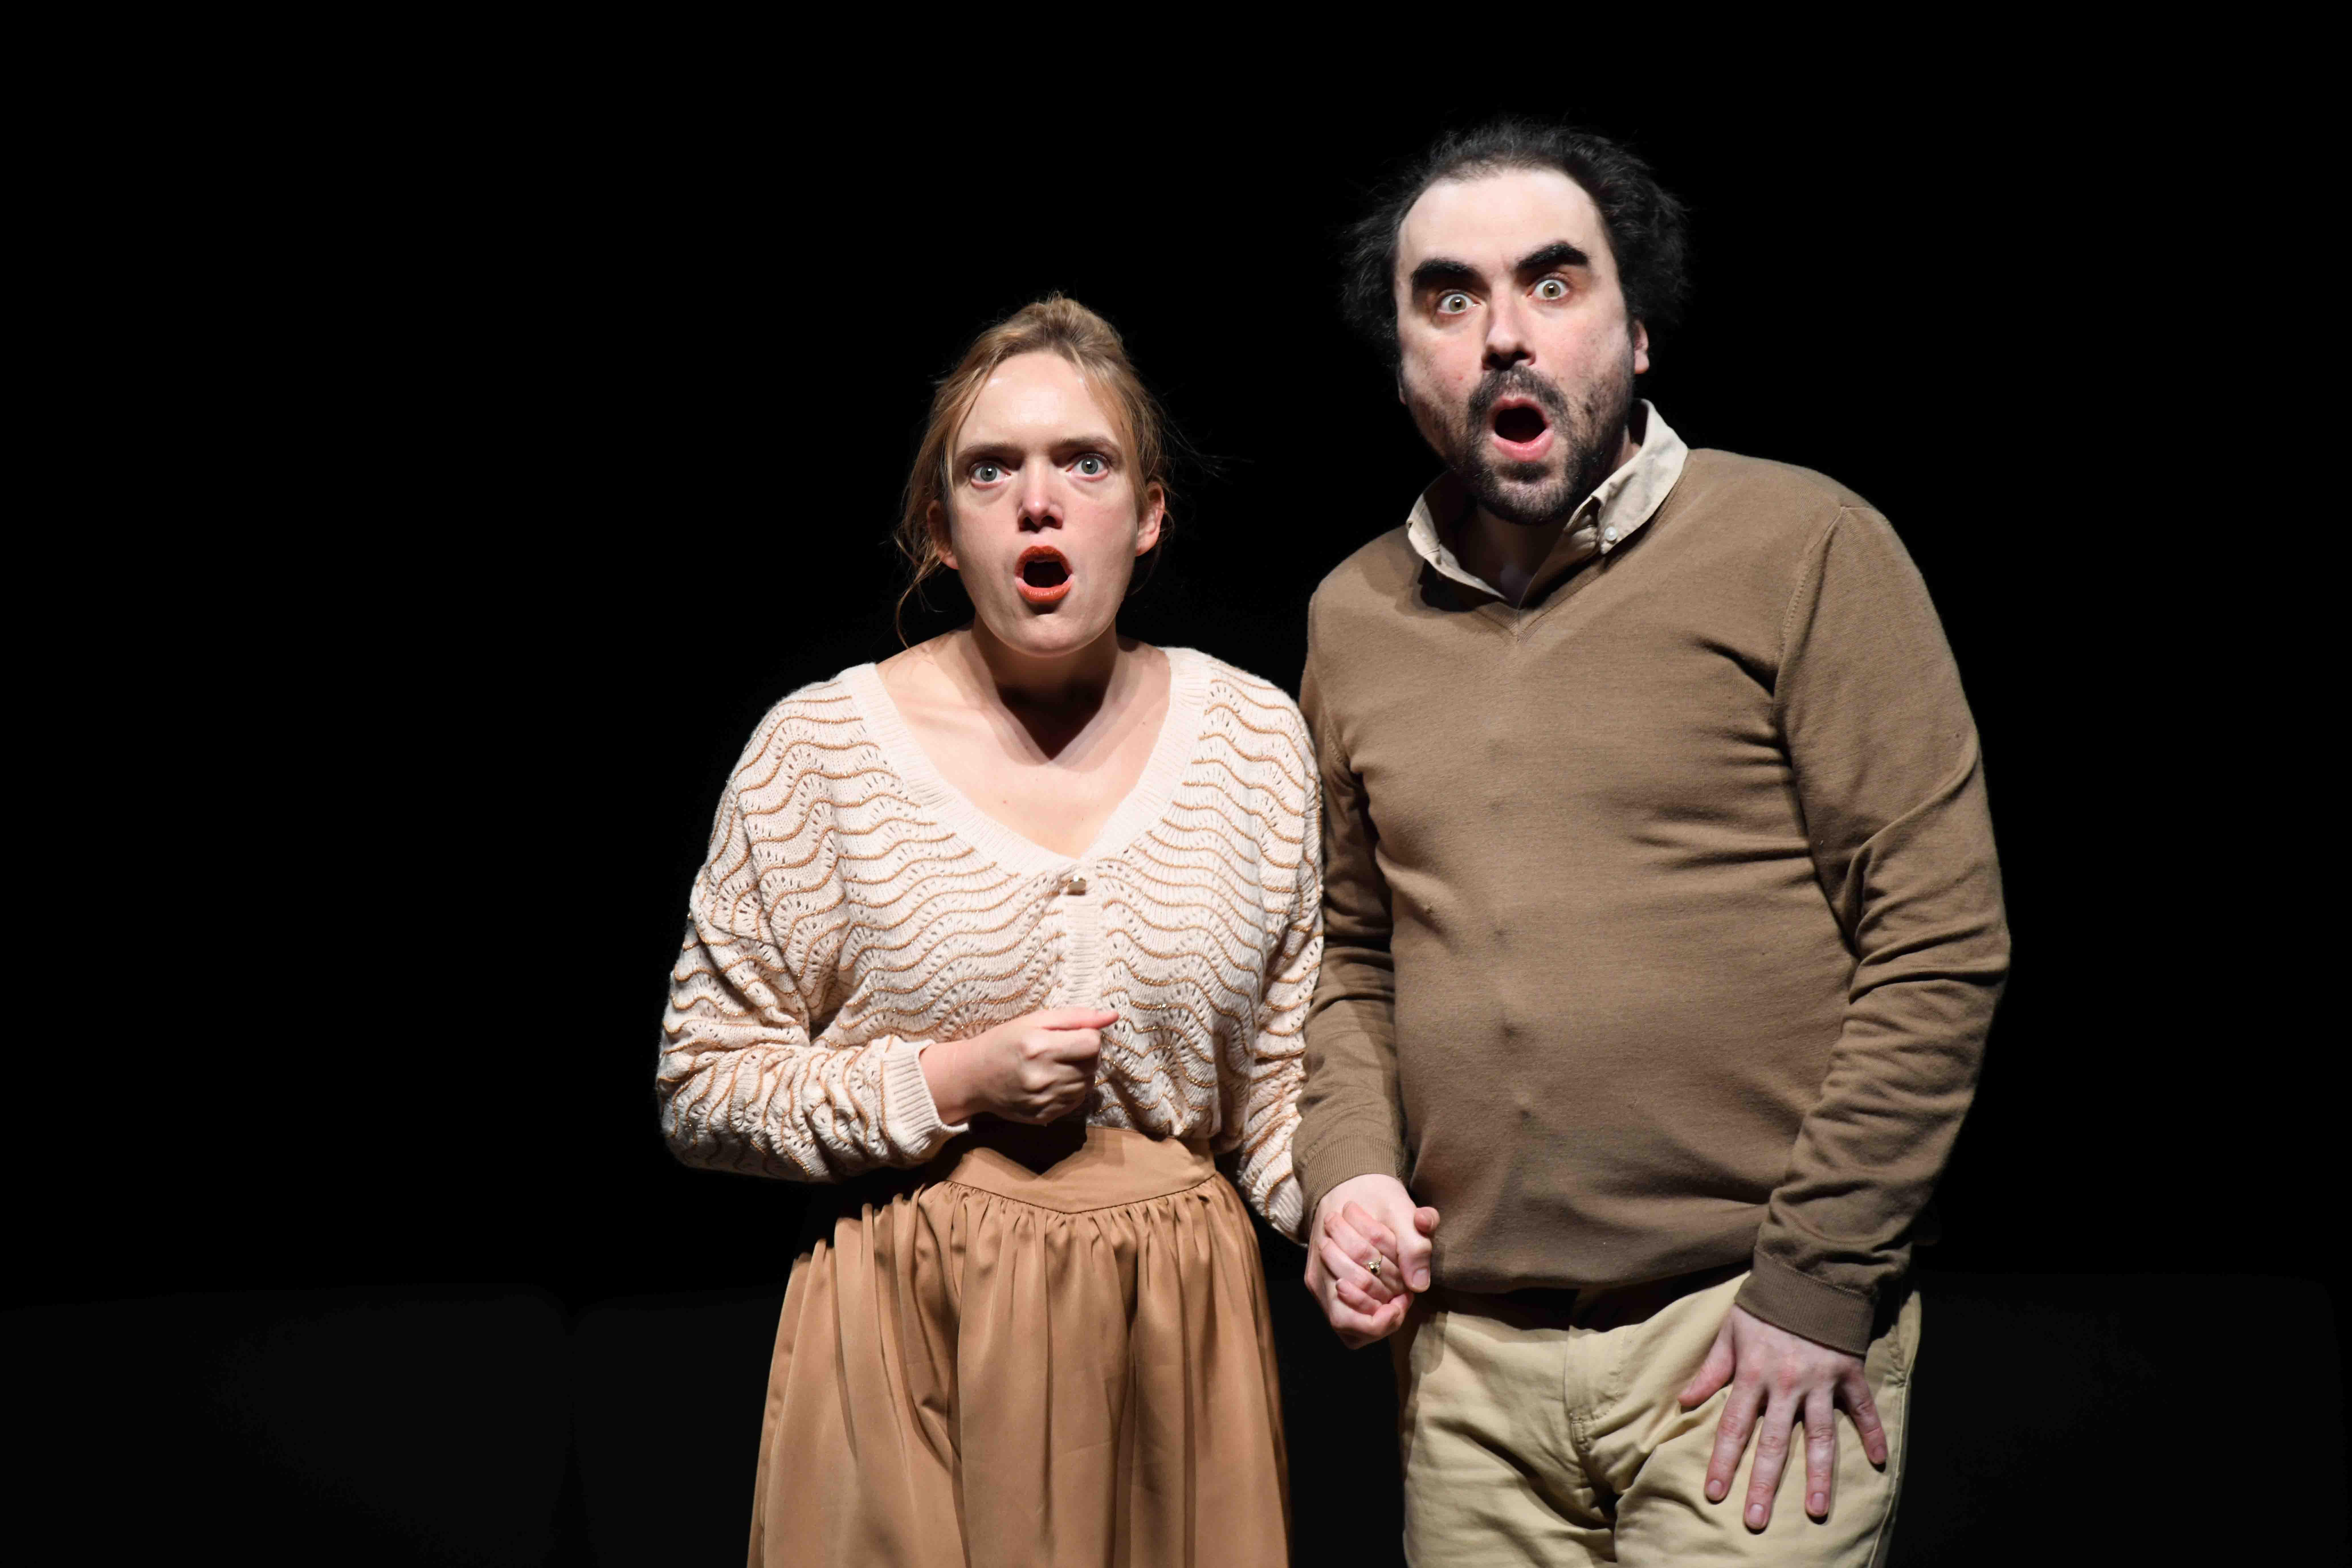 Le Bonheur des uns de Come de Bellescize - Critique sortie Théâtre Avignon Théâtre des Béliers